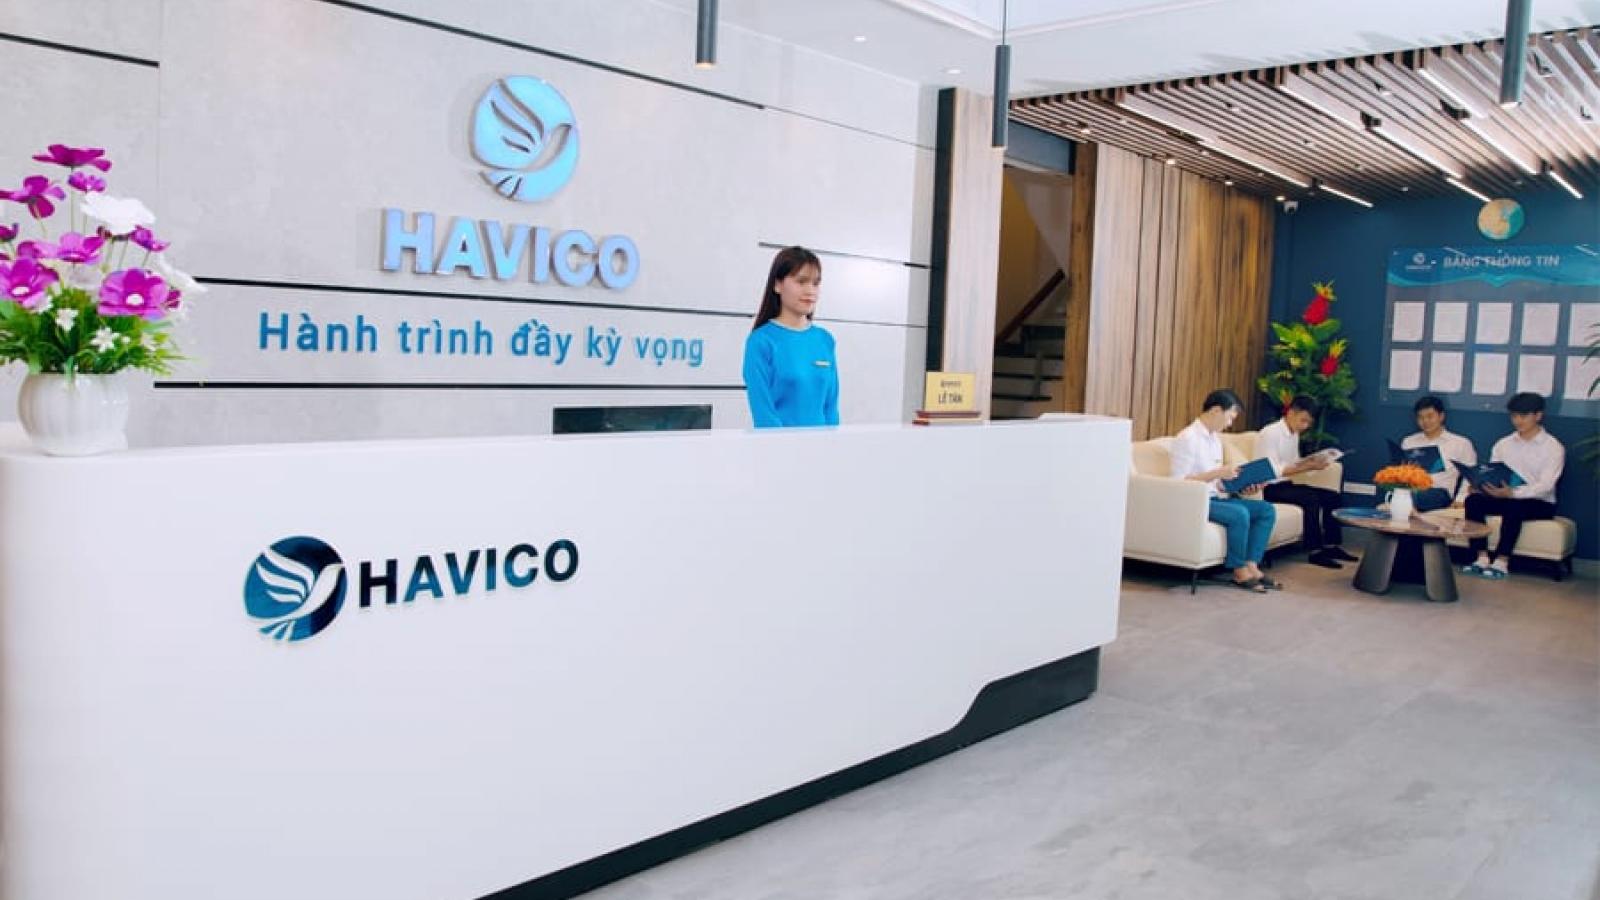 HAVICO-nơi chắp cánh ước mơ cho các bạn trẻ